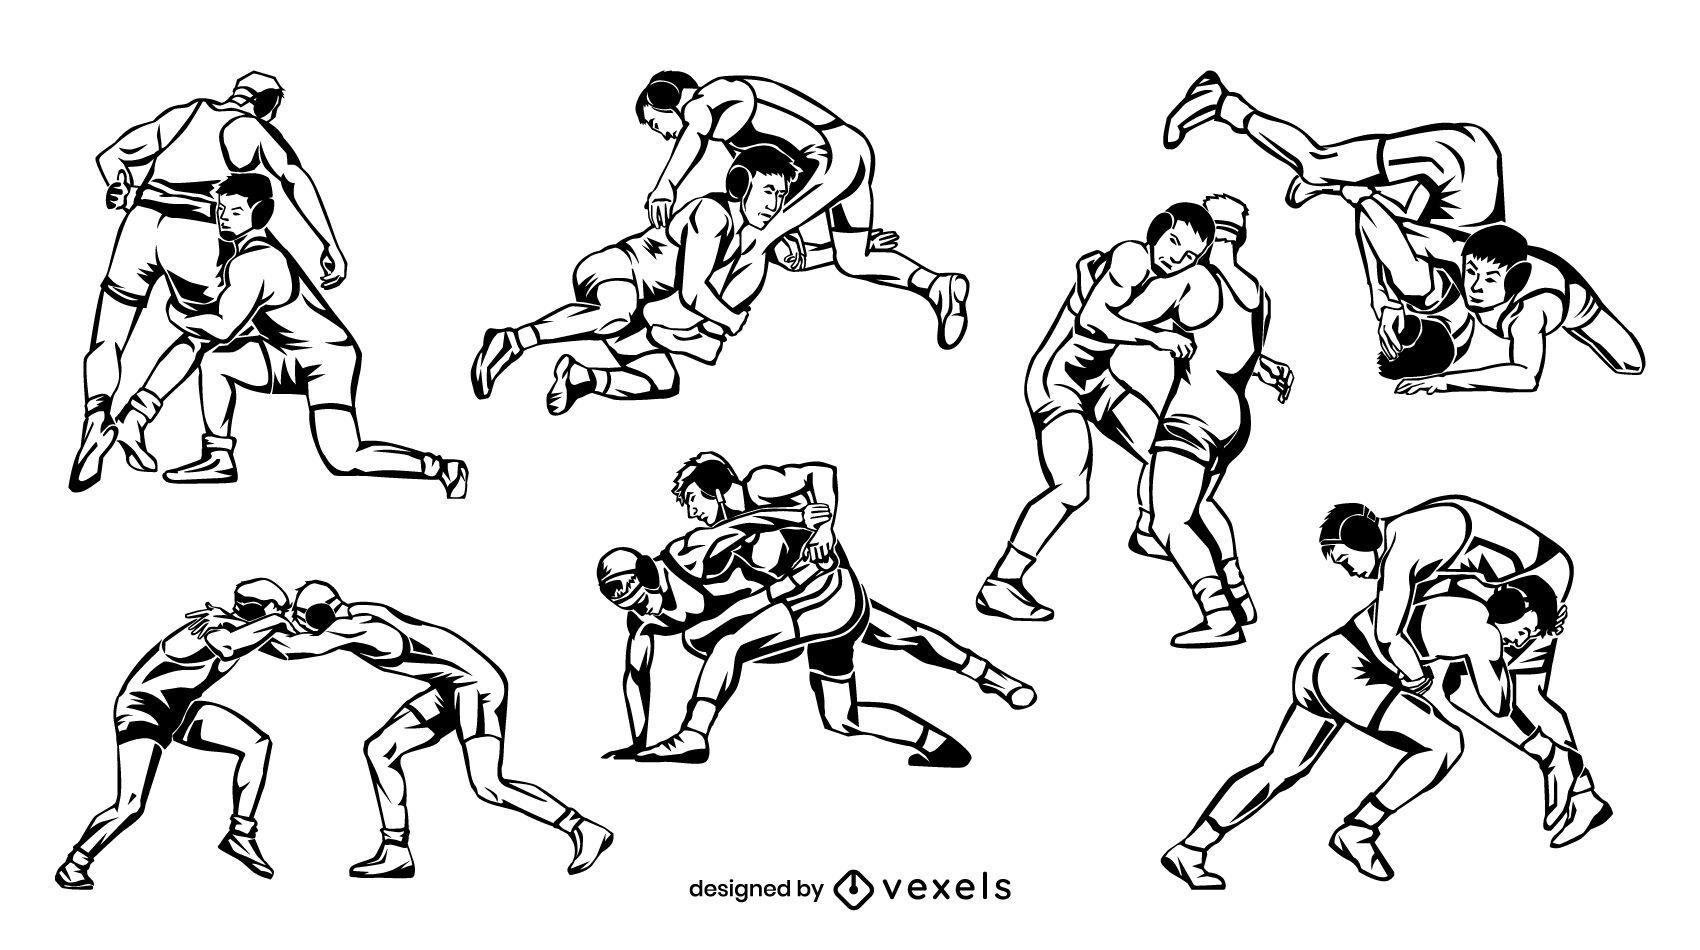 Diseño de escenografía de luchadores dibujados a mano